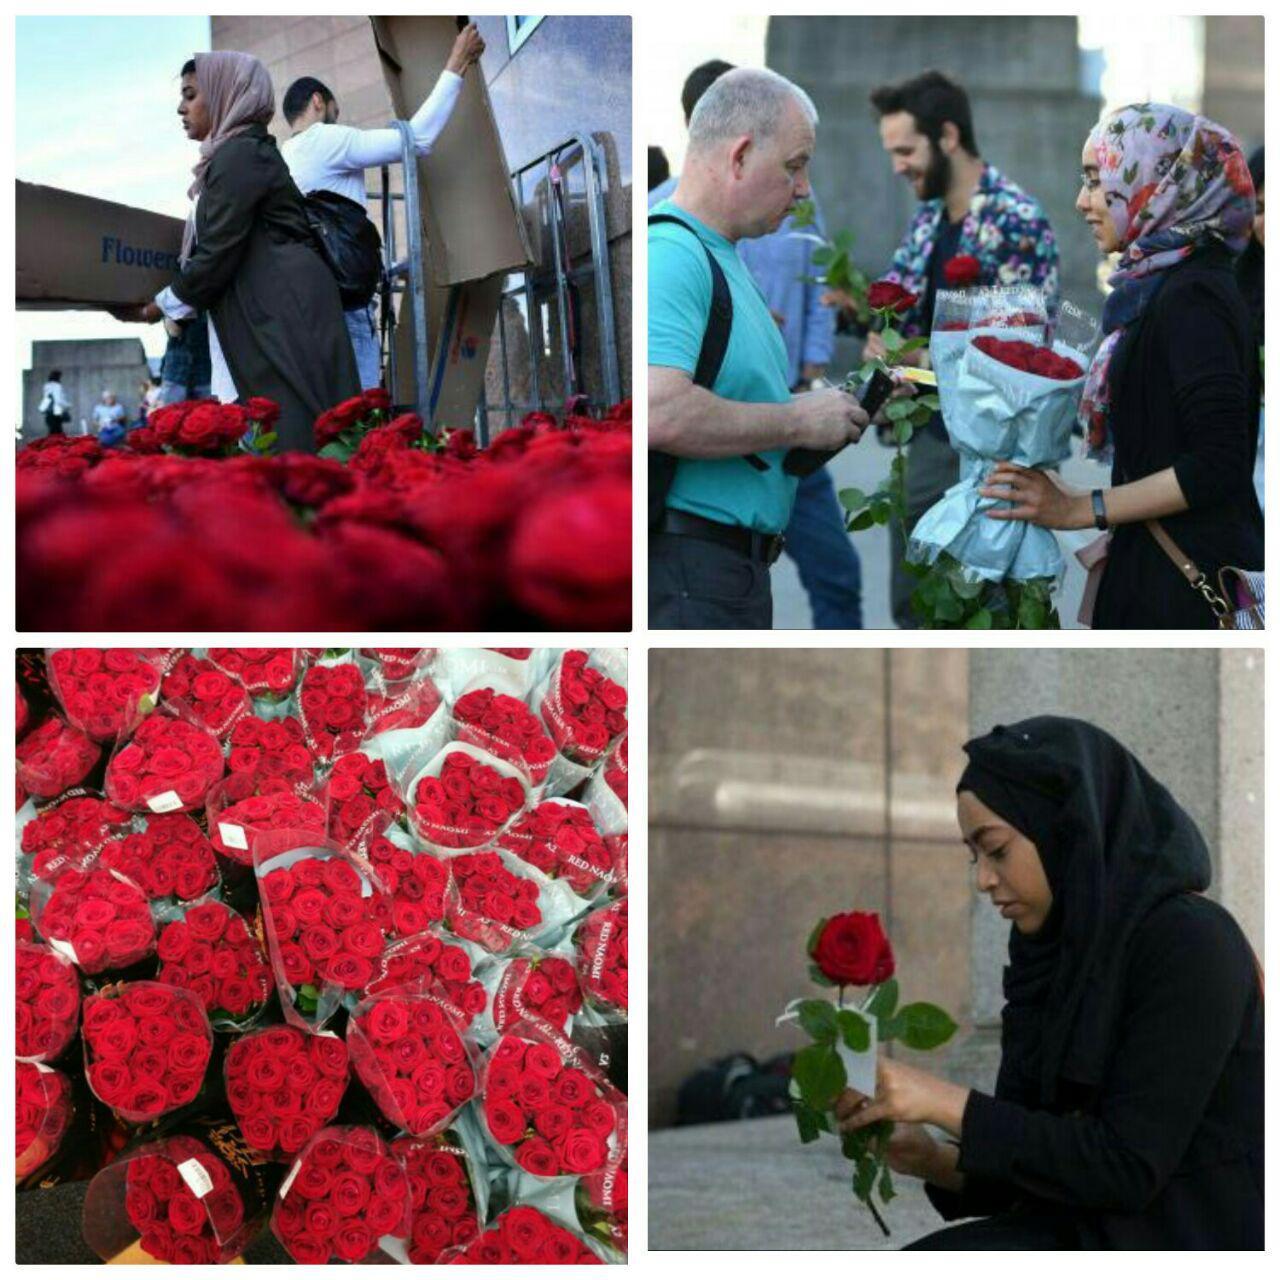 تصویر توزیع ۳ هزار شاخه گل توسط مسلمانان در لندن